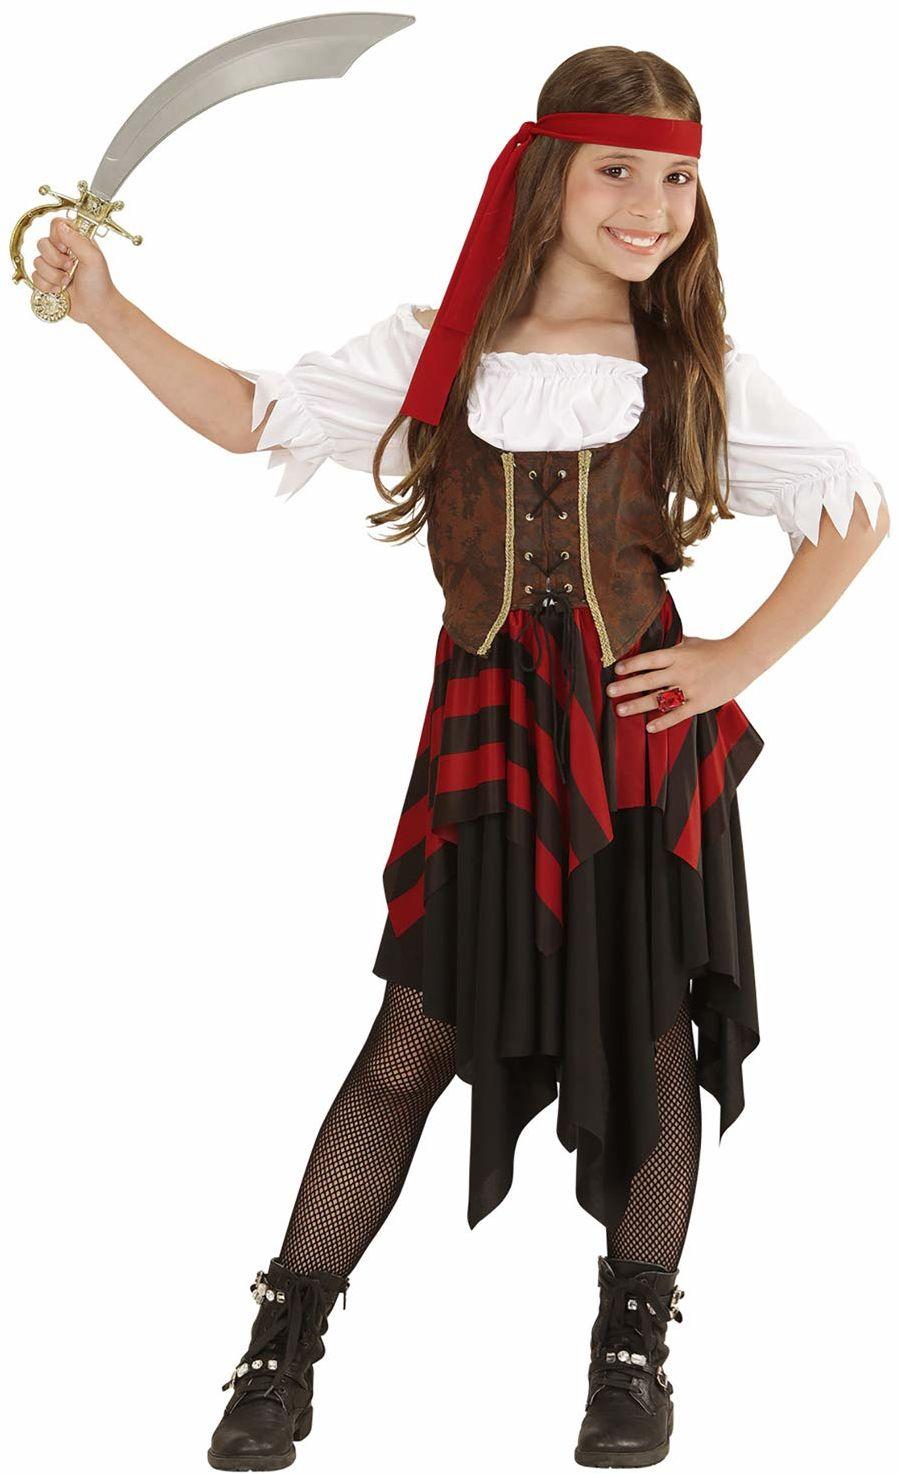 Widmann 05598 - kostium dziecięcy piratka, sukienka, gorset i opaska na czoło, rozmiar 158